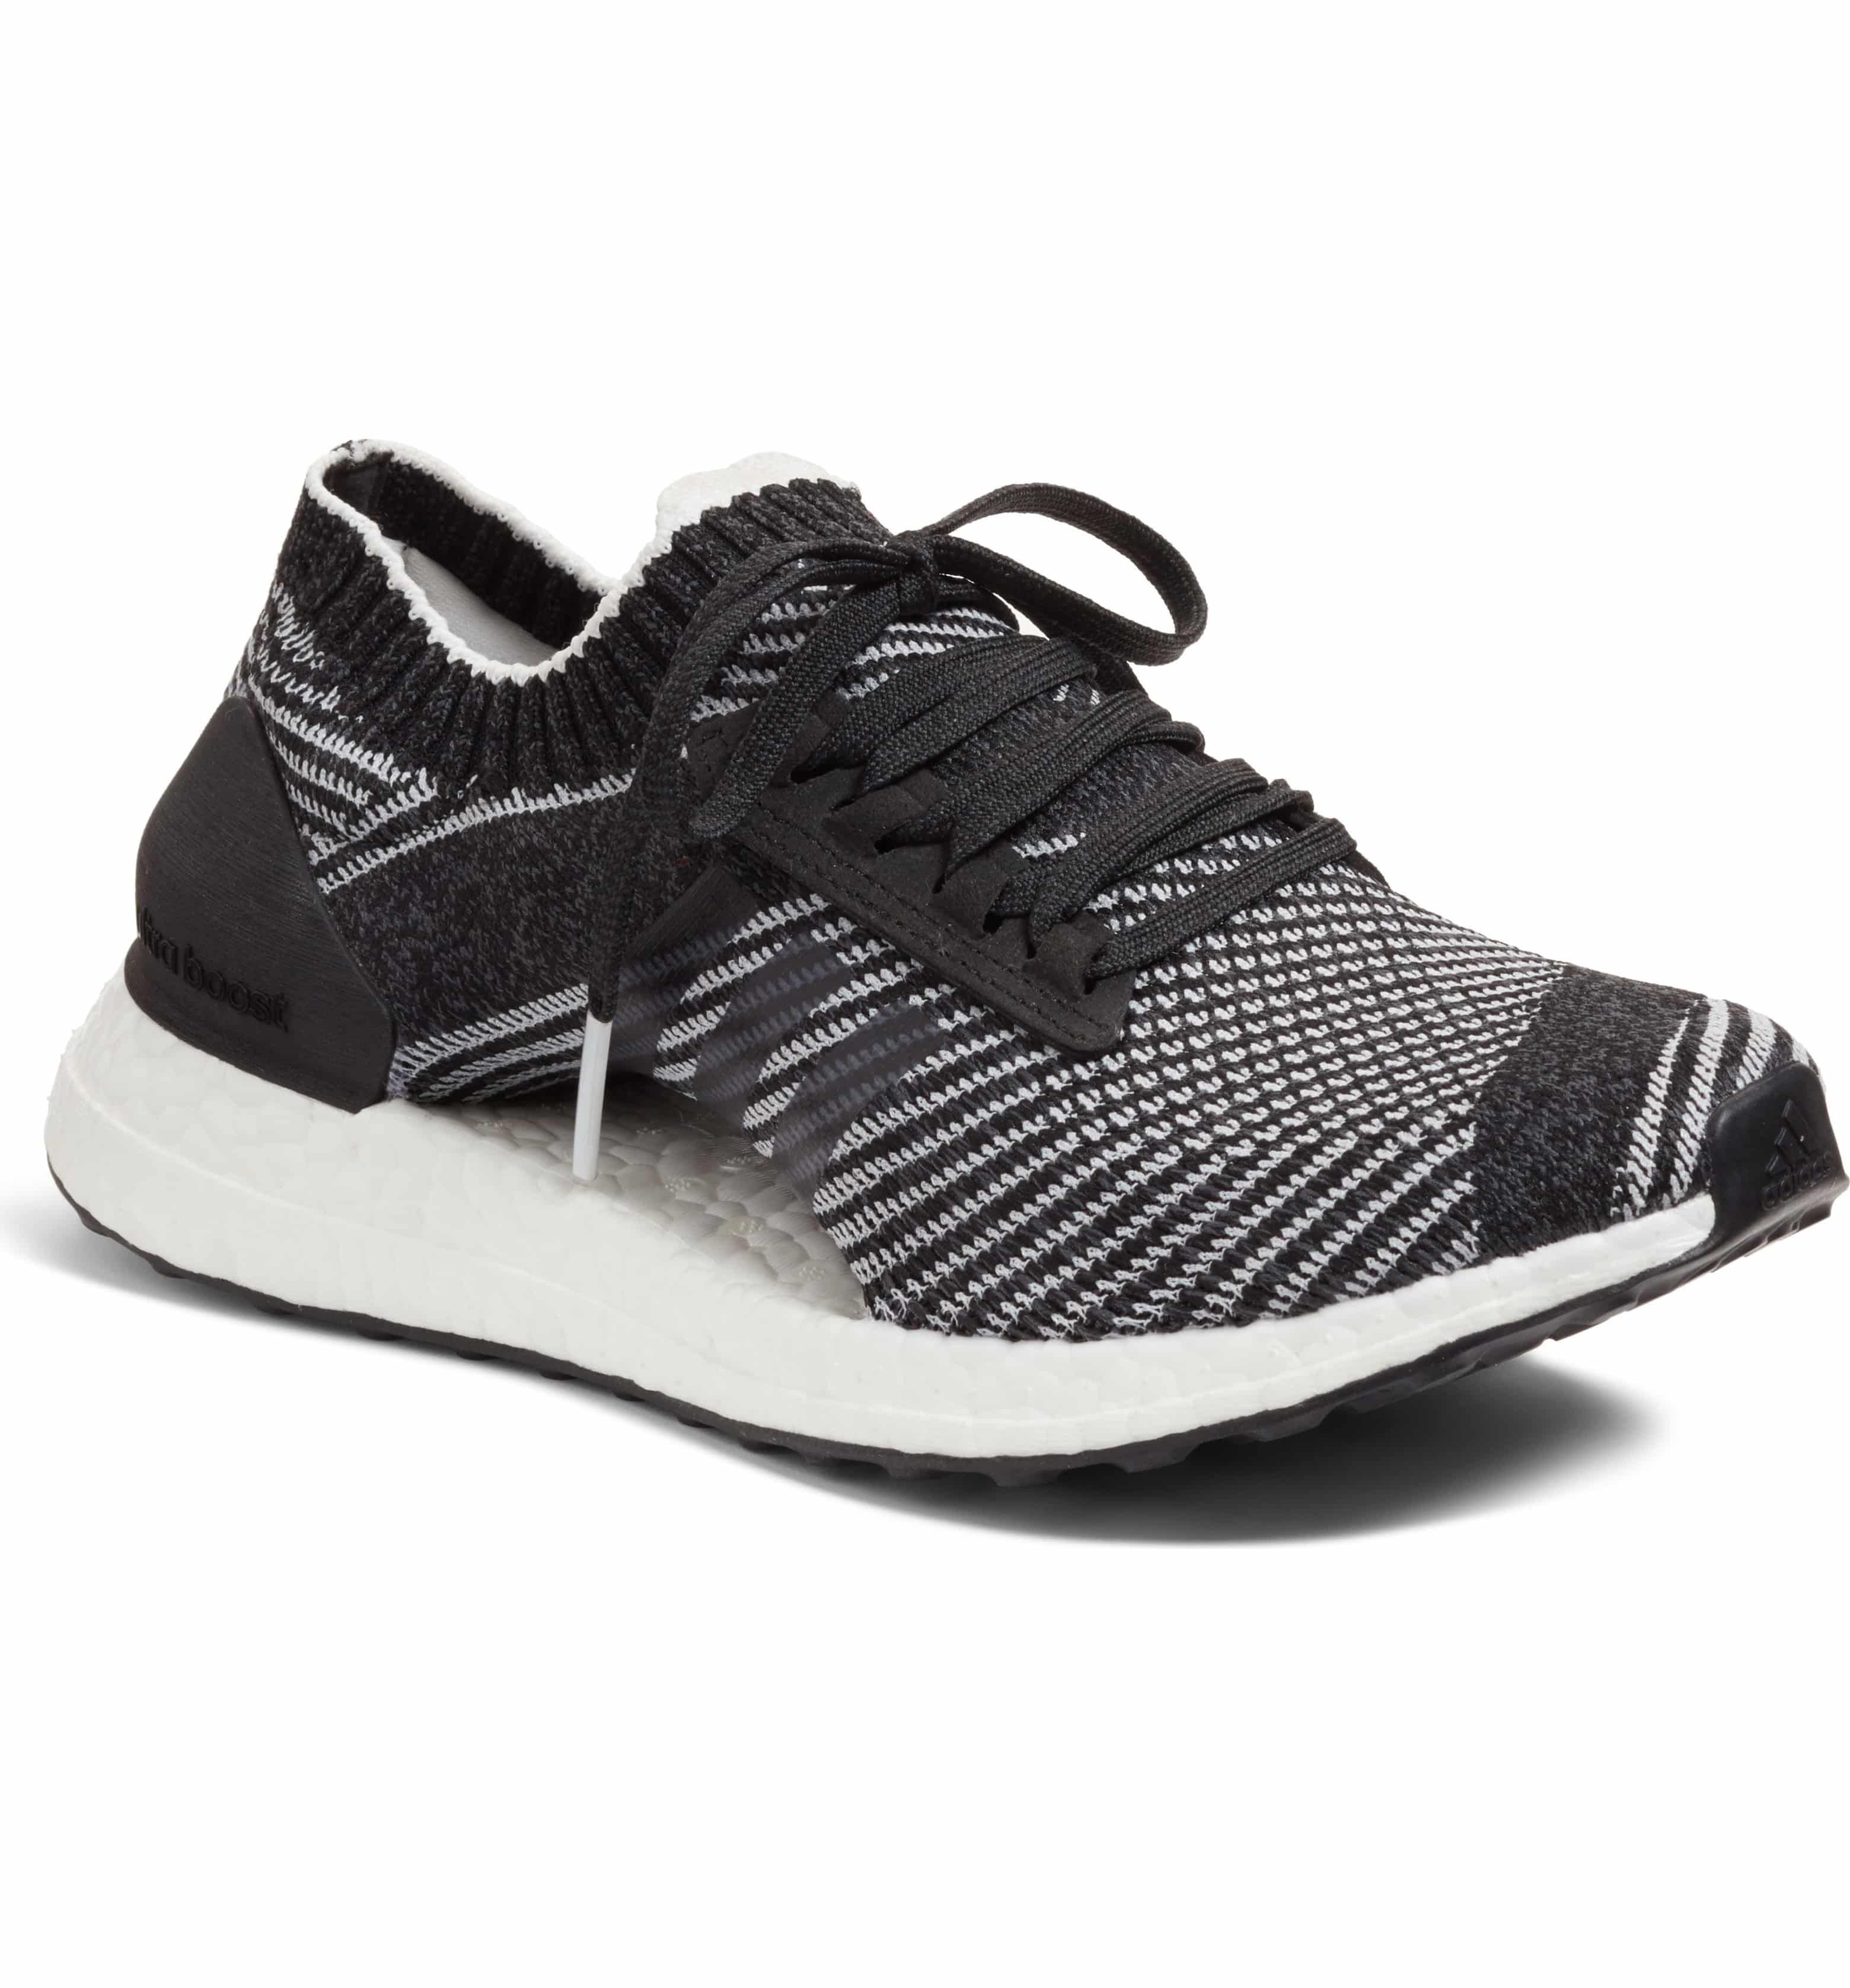 ultraboost x running sneaker